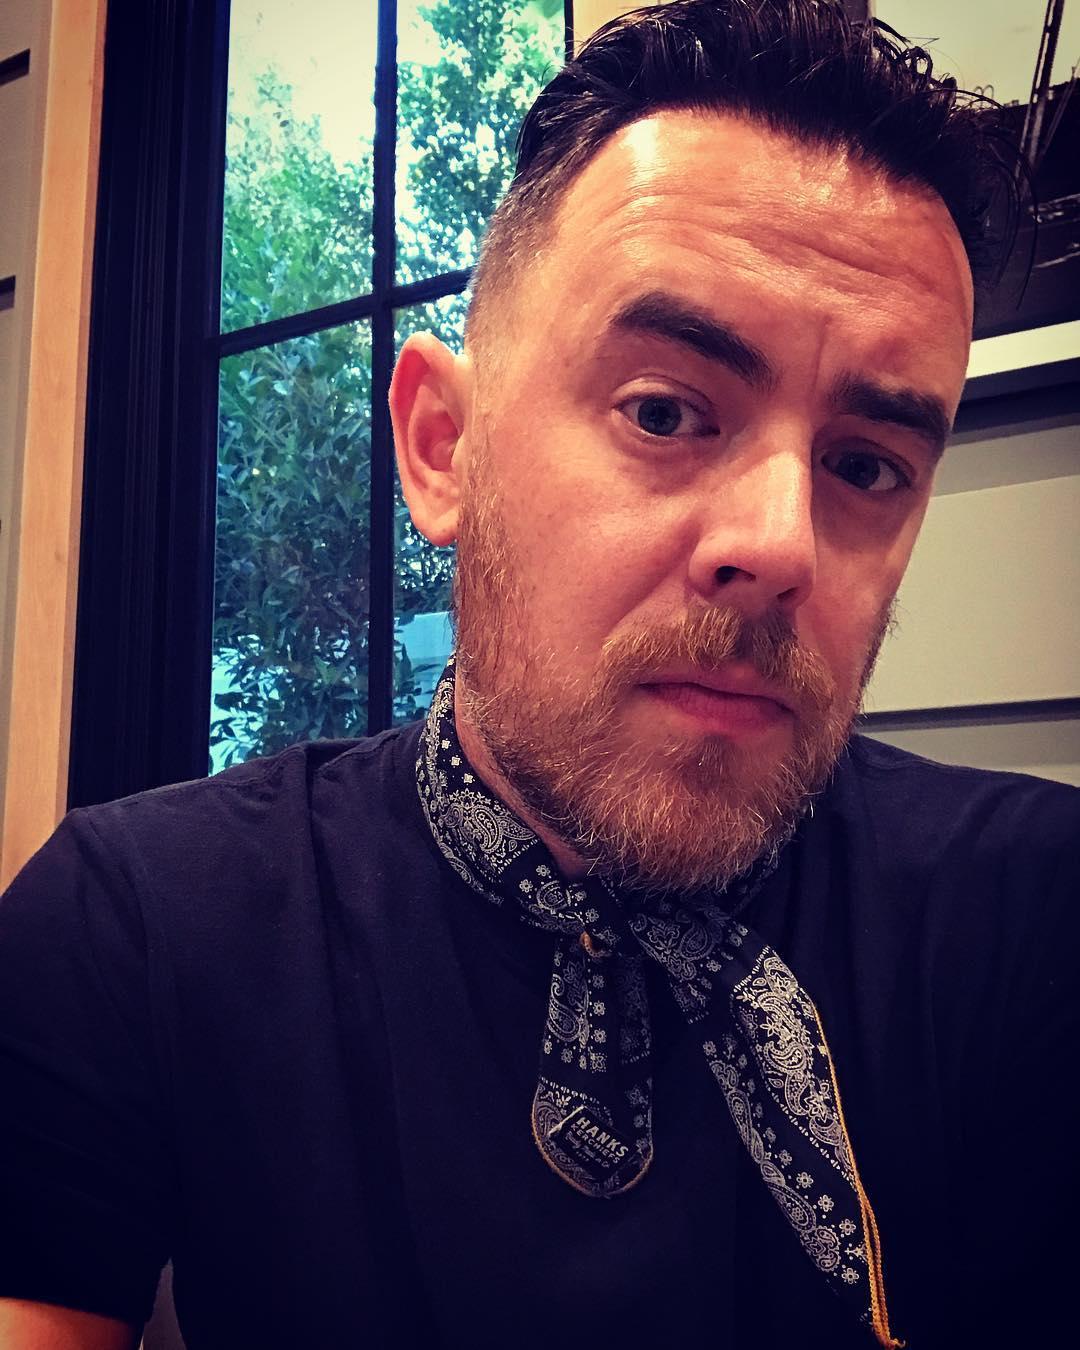 Я у папы бизнесмен: Сын Тома Хэнкса продает платки